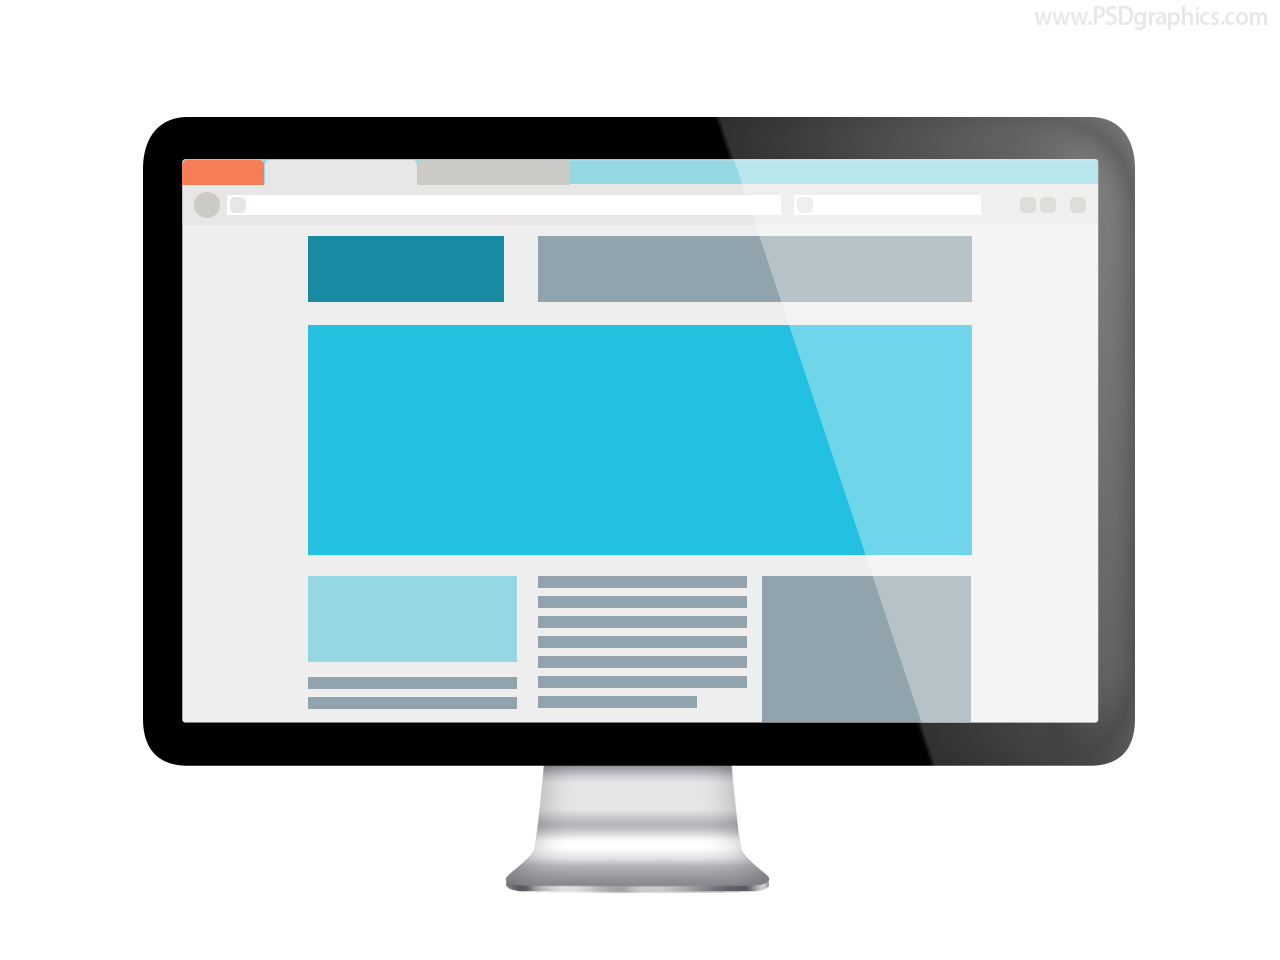 Web design preview psd